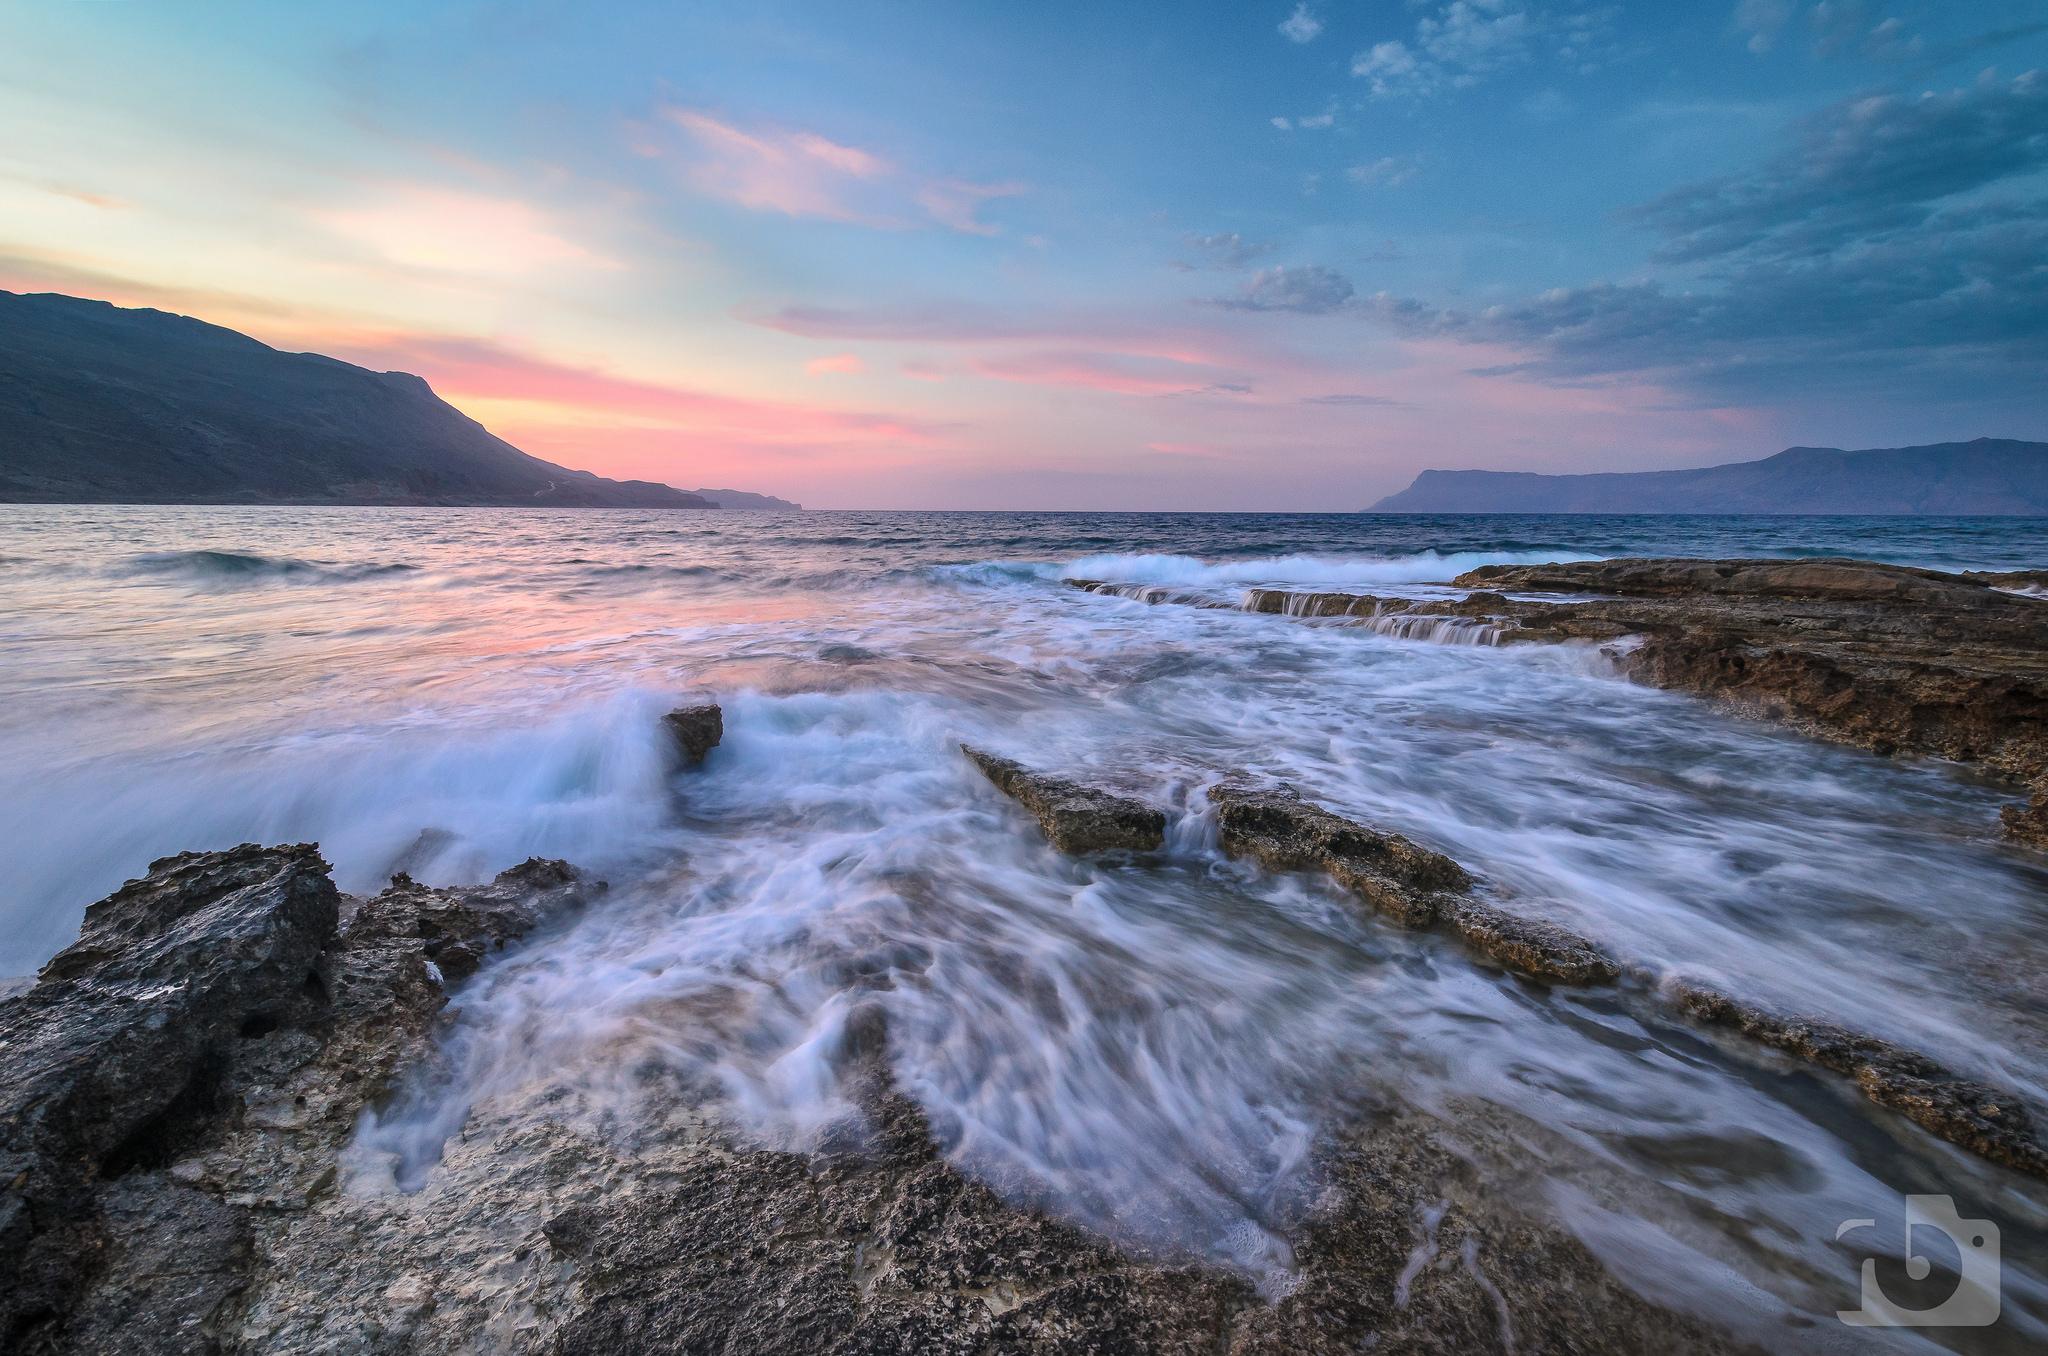 Kissamos Bay, Greece